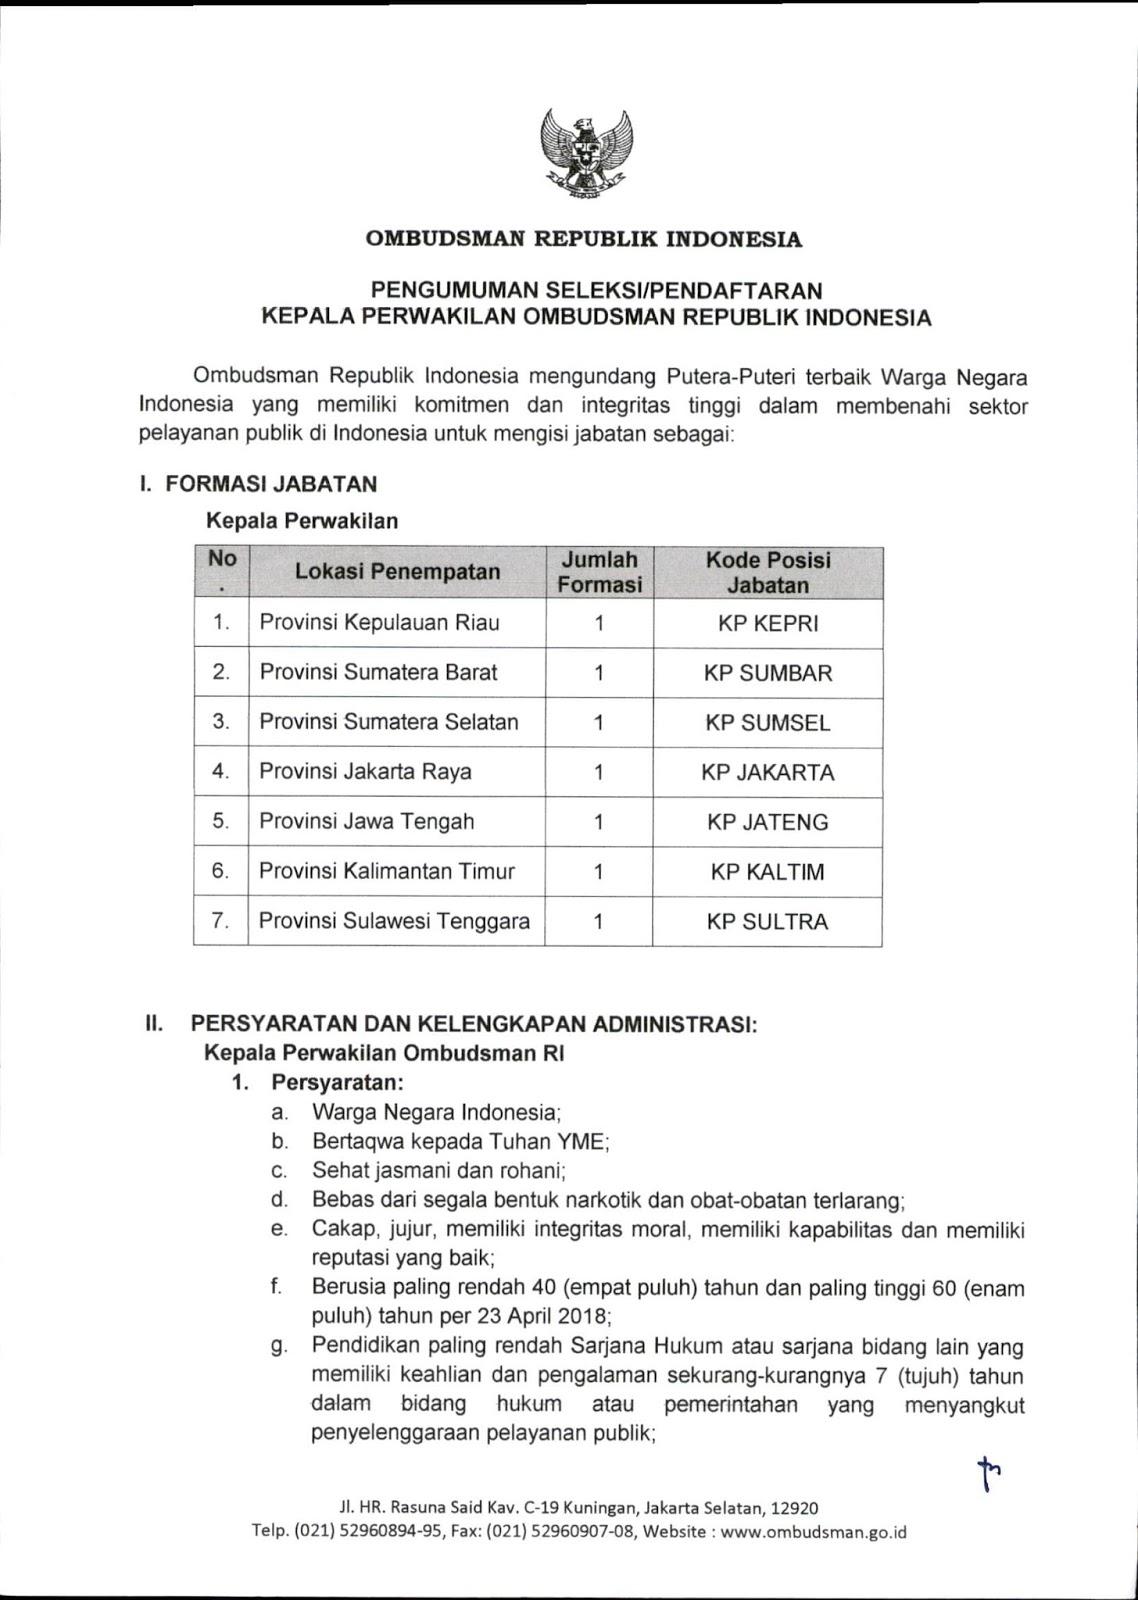 Lowongan Kerja   Terbaru Ombudsman Republik Indonesia  Agustus 2018